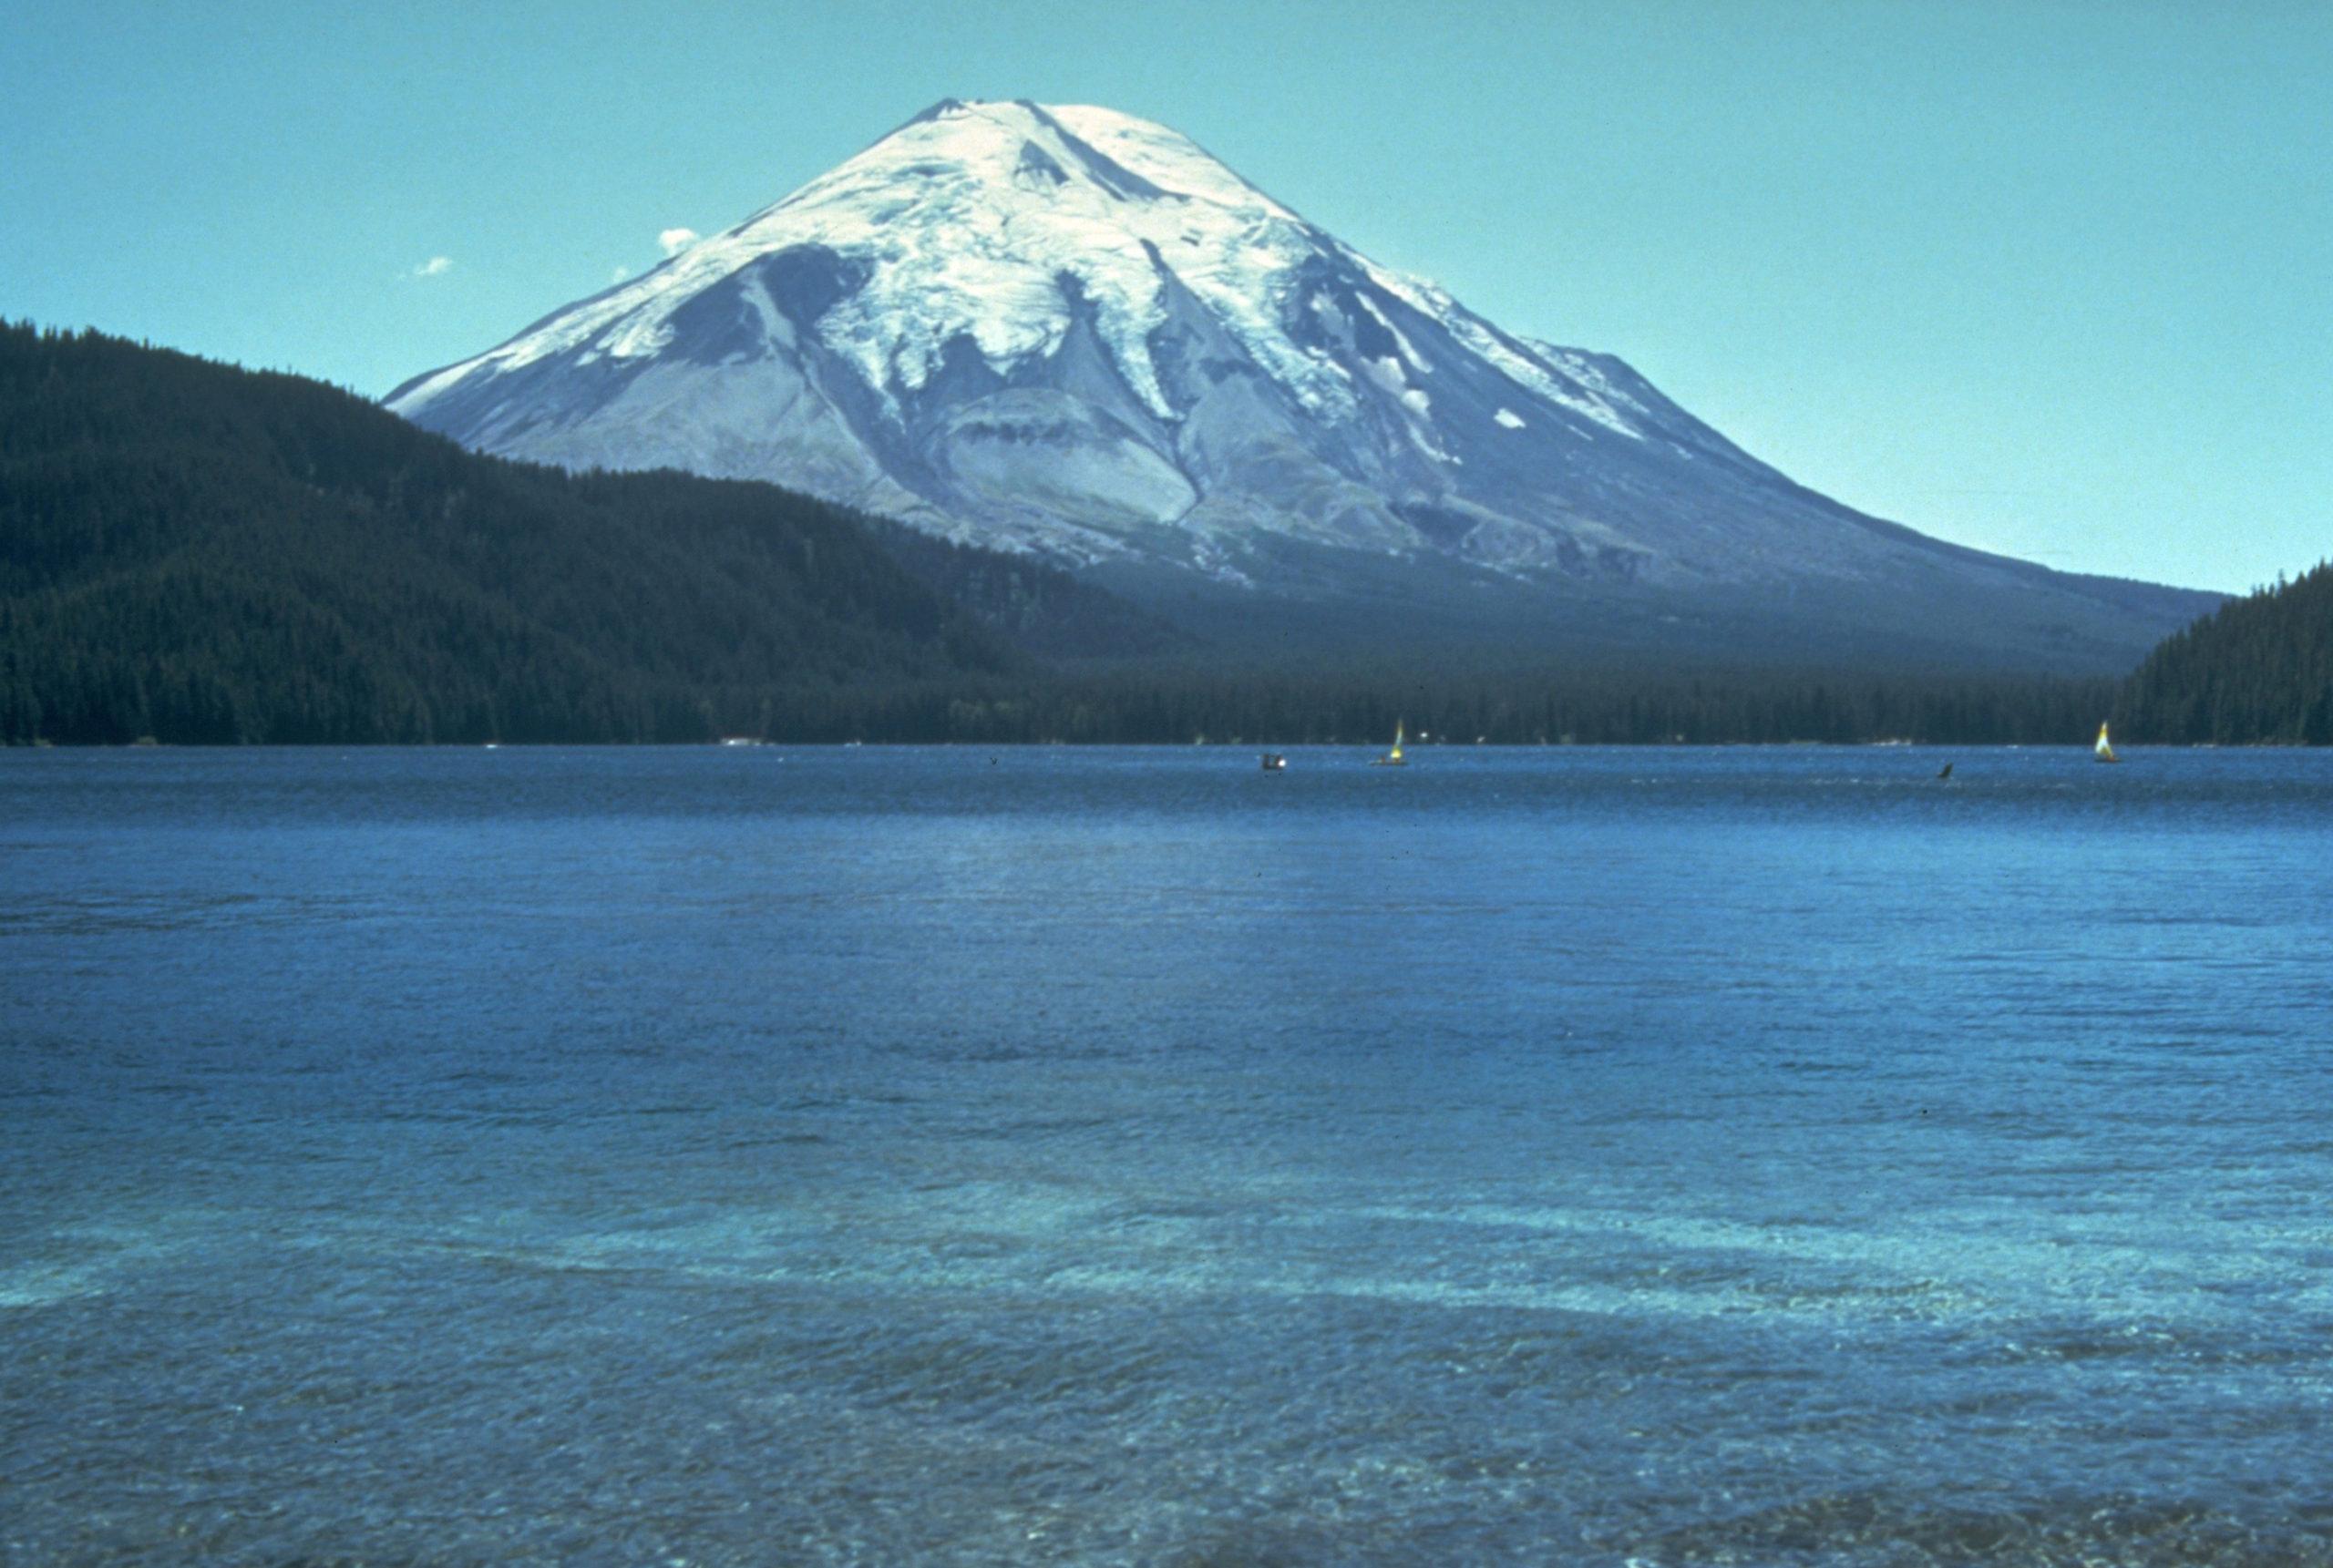 Mt. St. Helens Eruption 40 Year Anniversary